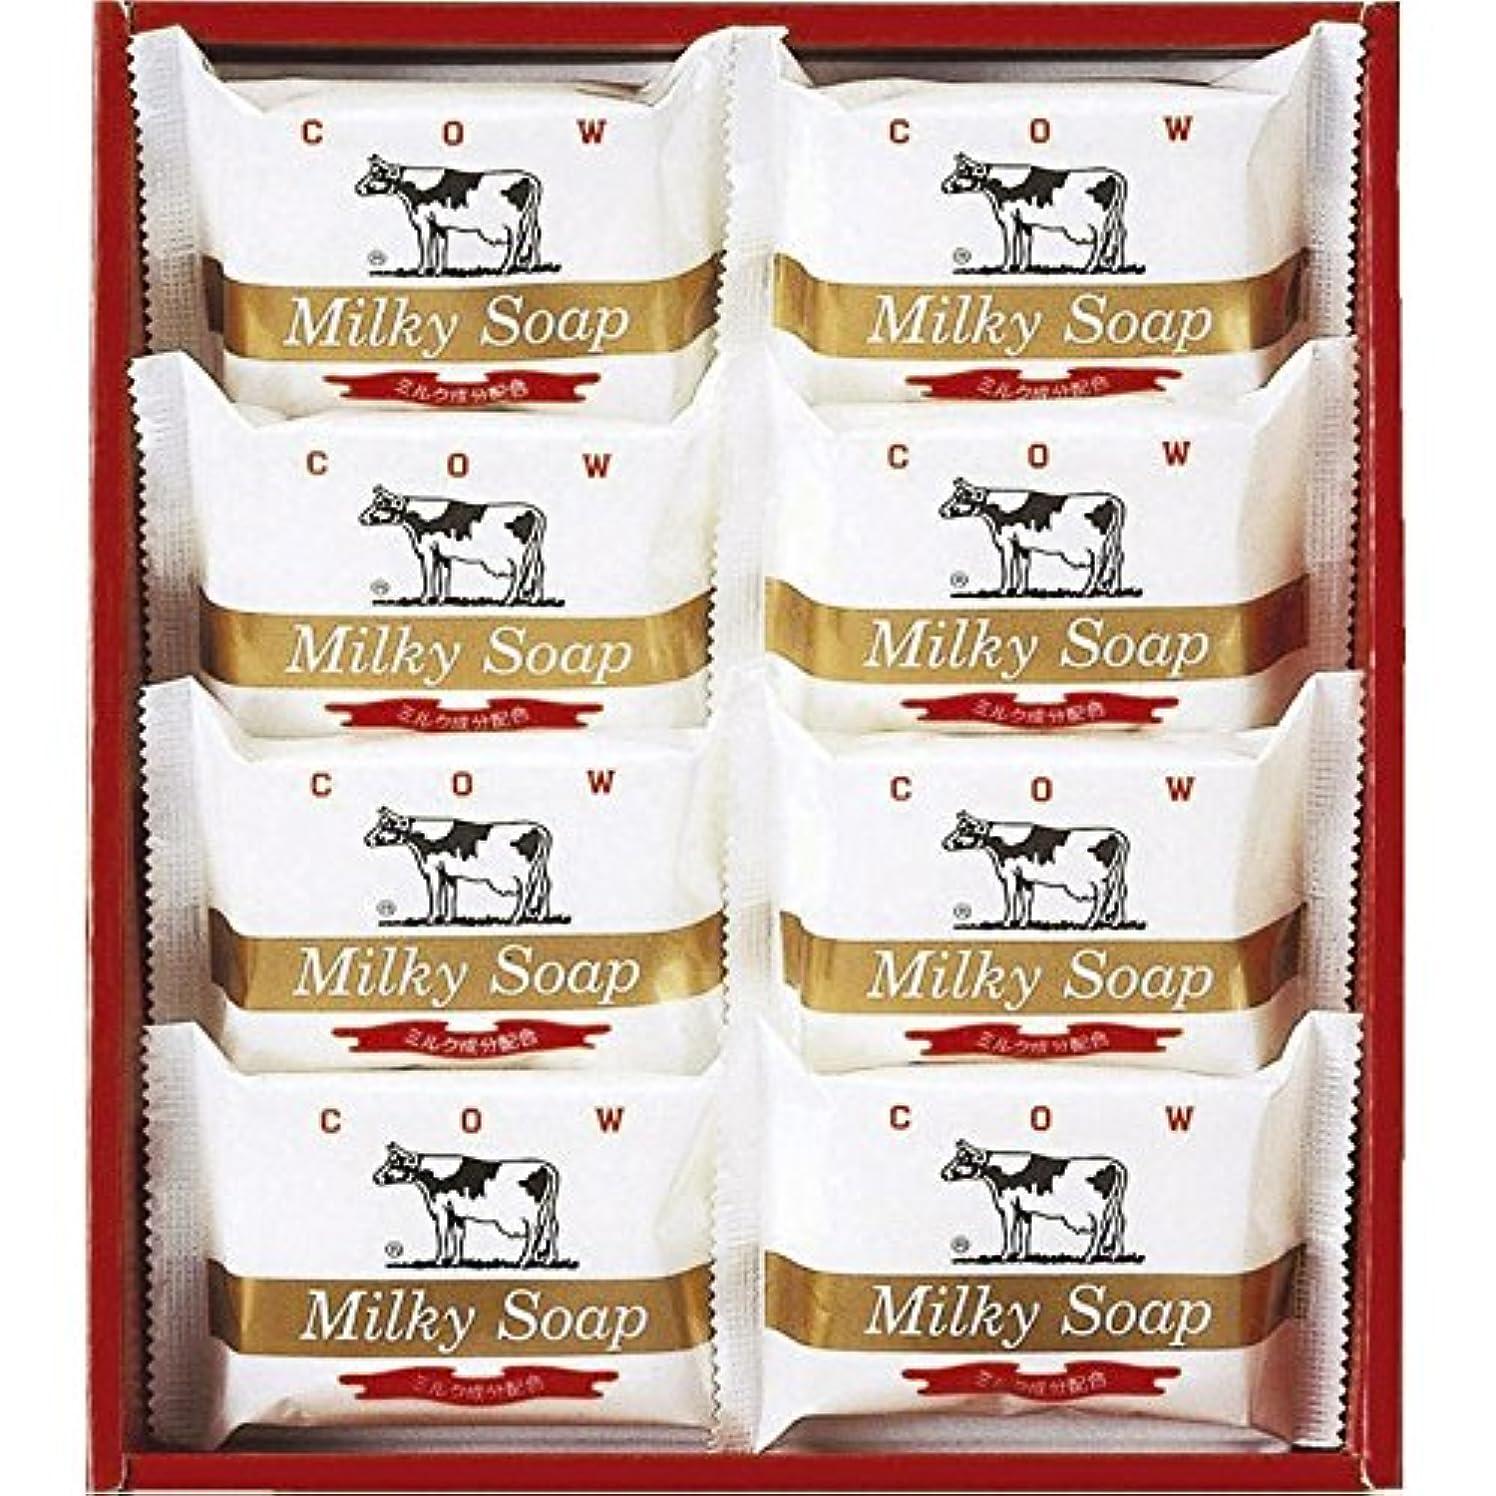 ぶどう類推解決する牛乳石鹸 ゴールドソープセット 【固形 ギフト せっけん あわ いい香り いい匂い うるおい プレゼント お風呂 かおり からだ きれい つめあわせ かうぶらんど 1000】